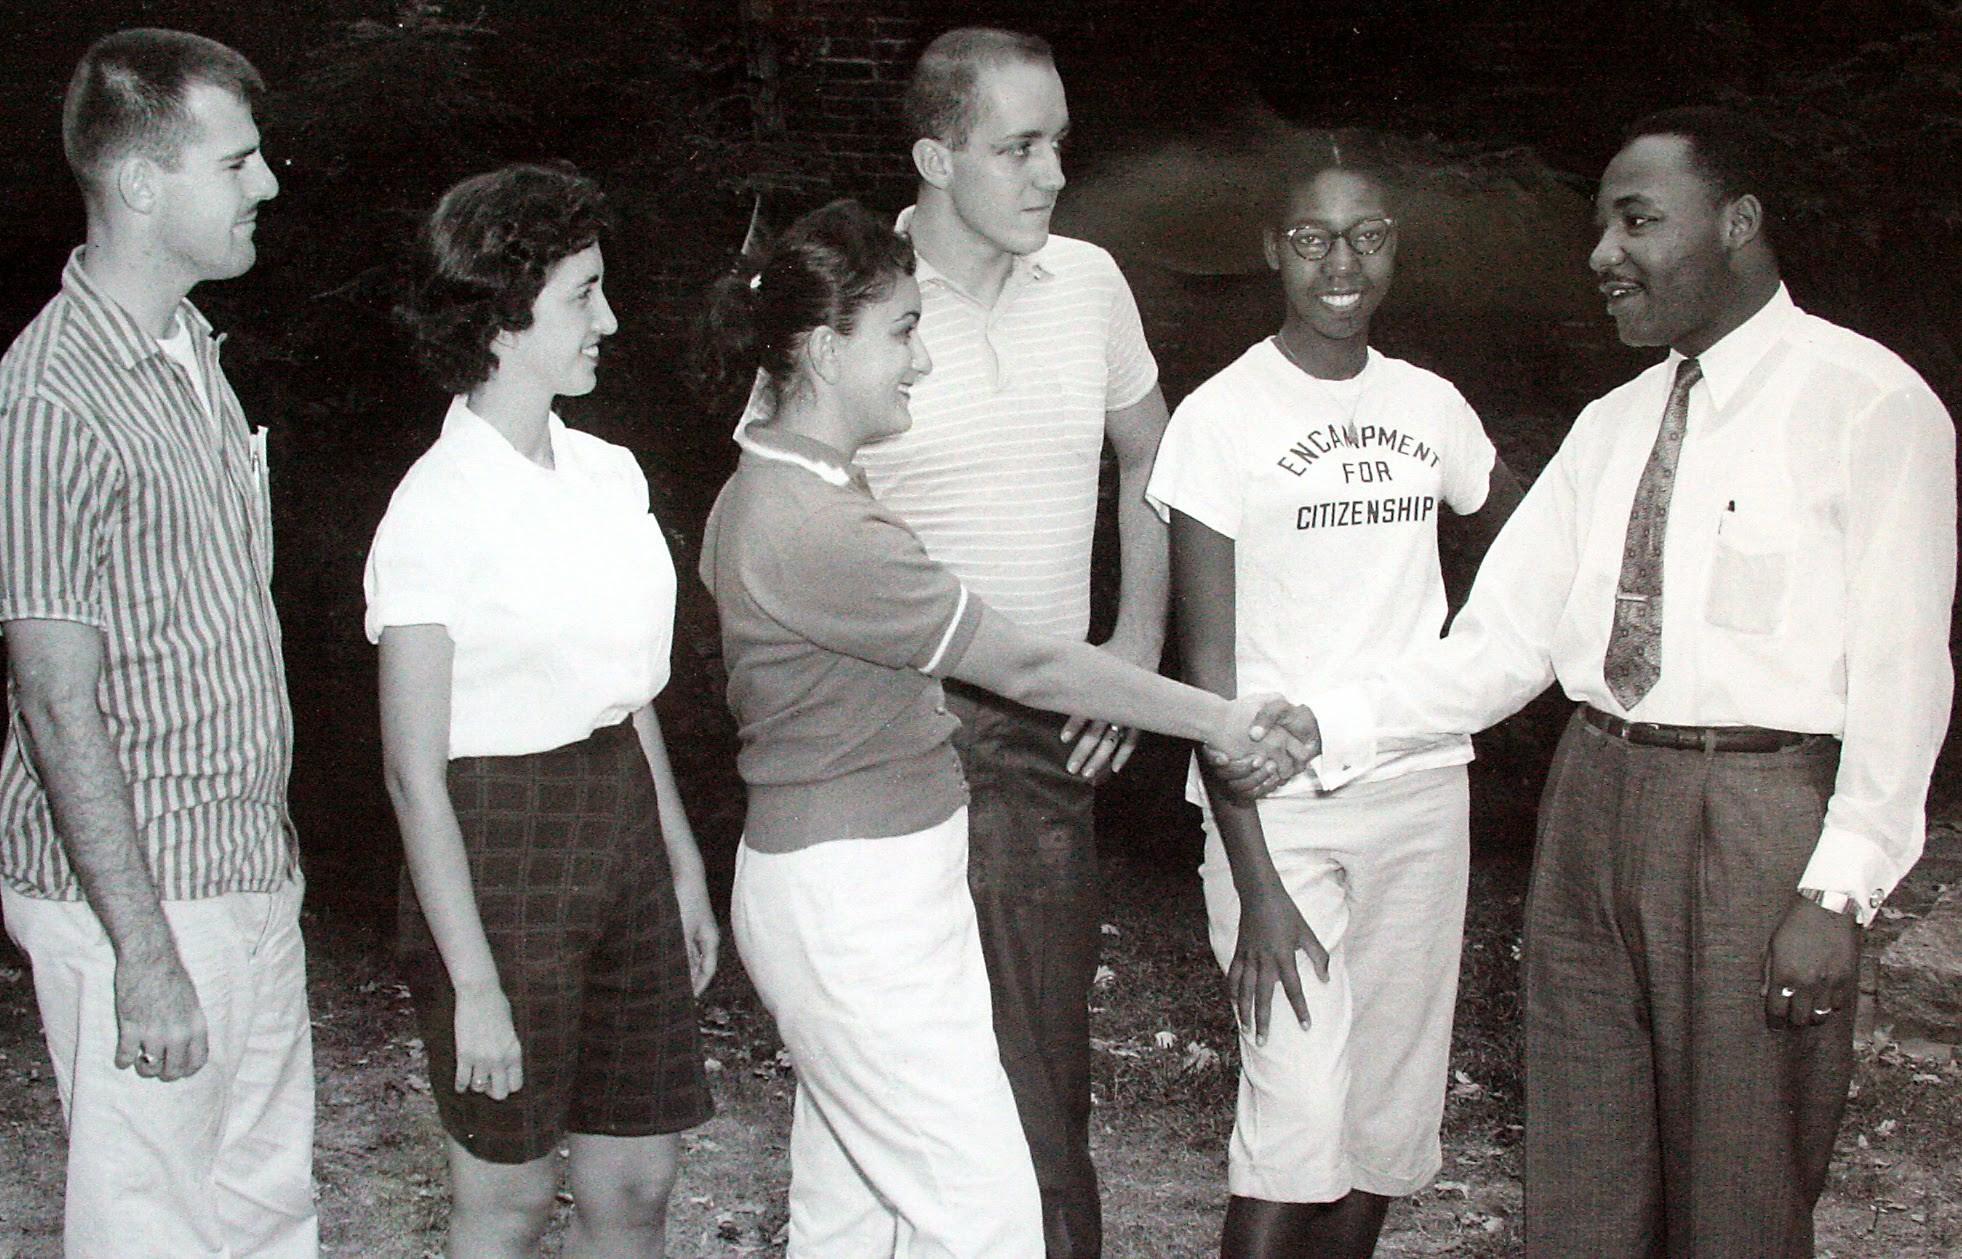 Reverend Martin Luther King, Jr., greeting Encampers.